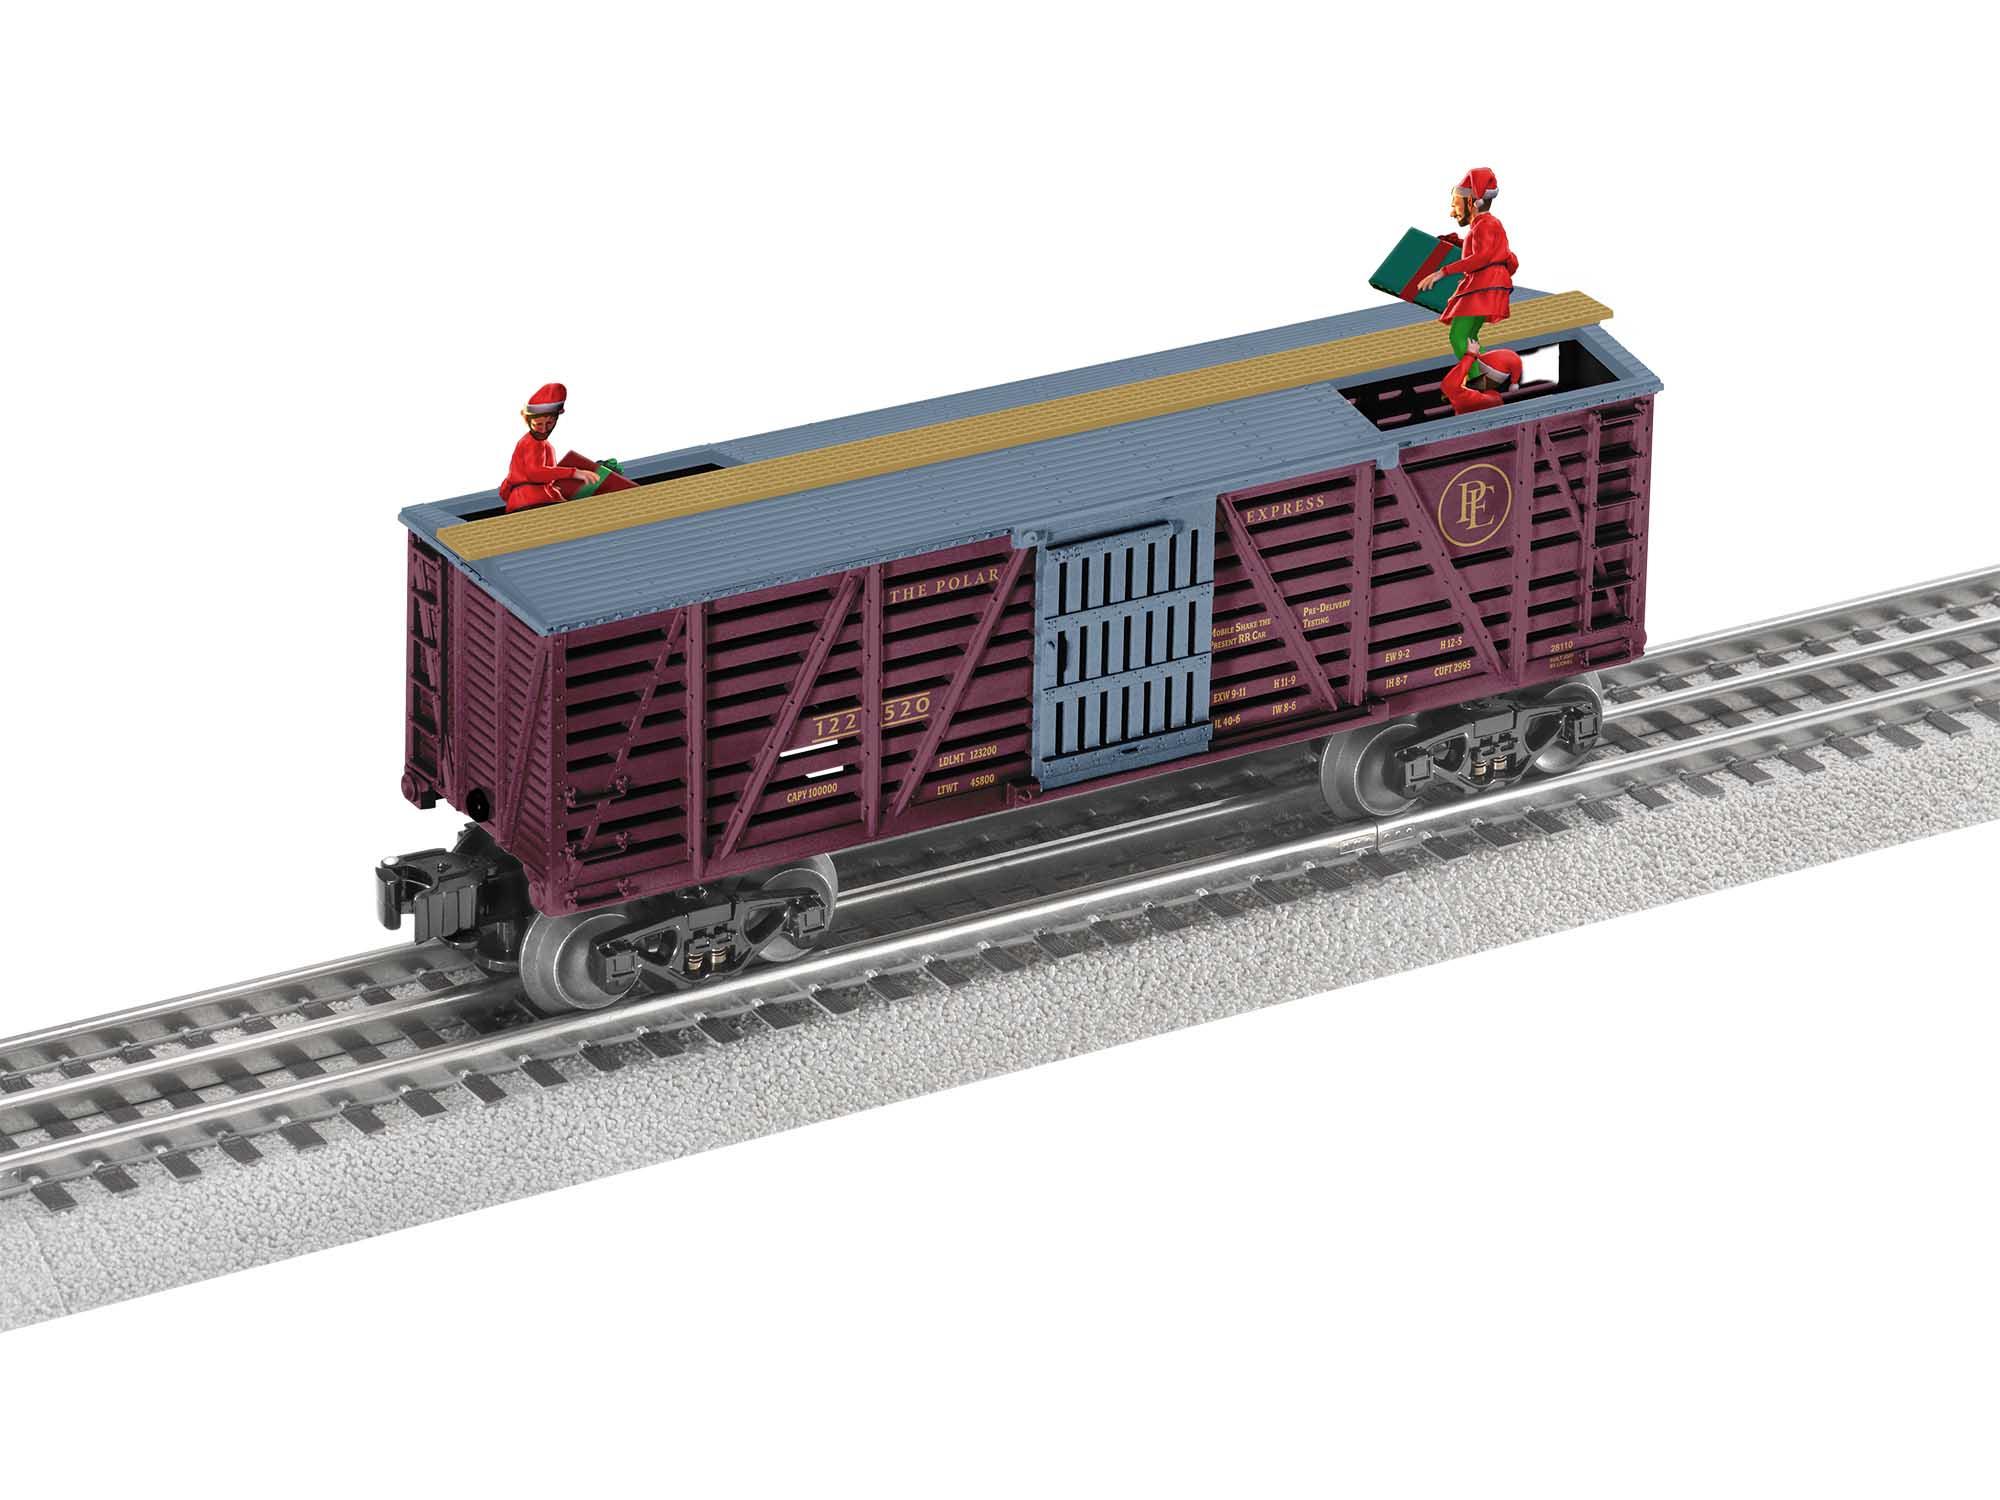 Lionel 2028110 O27 Boxcar The Polar Express Elf Bobbing Car